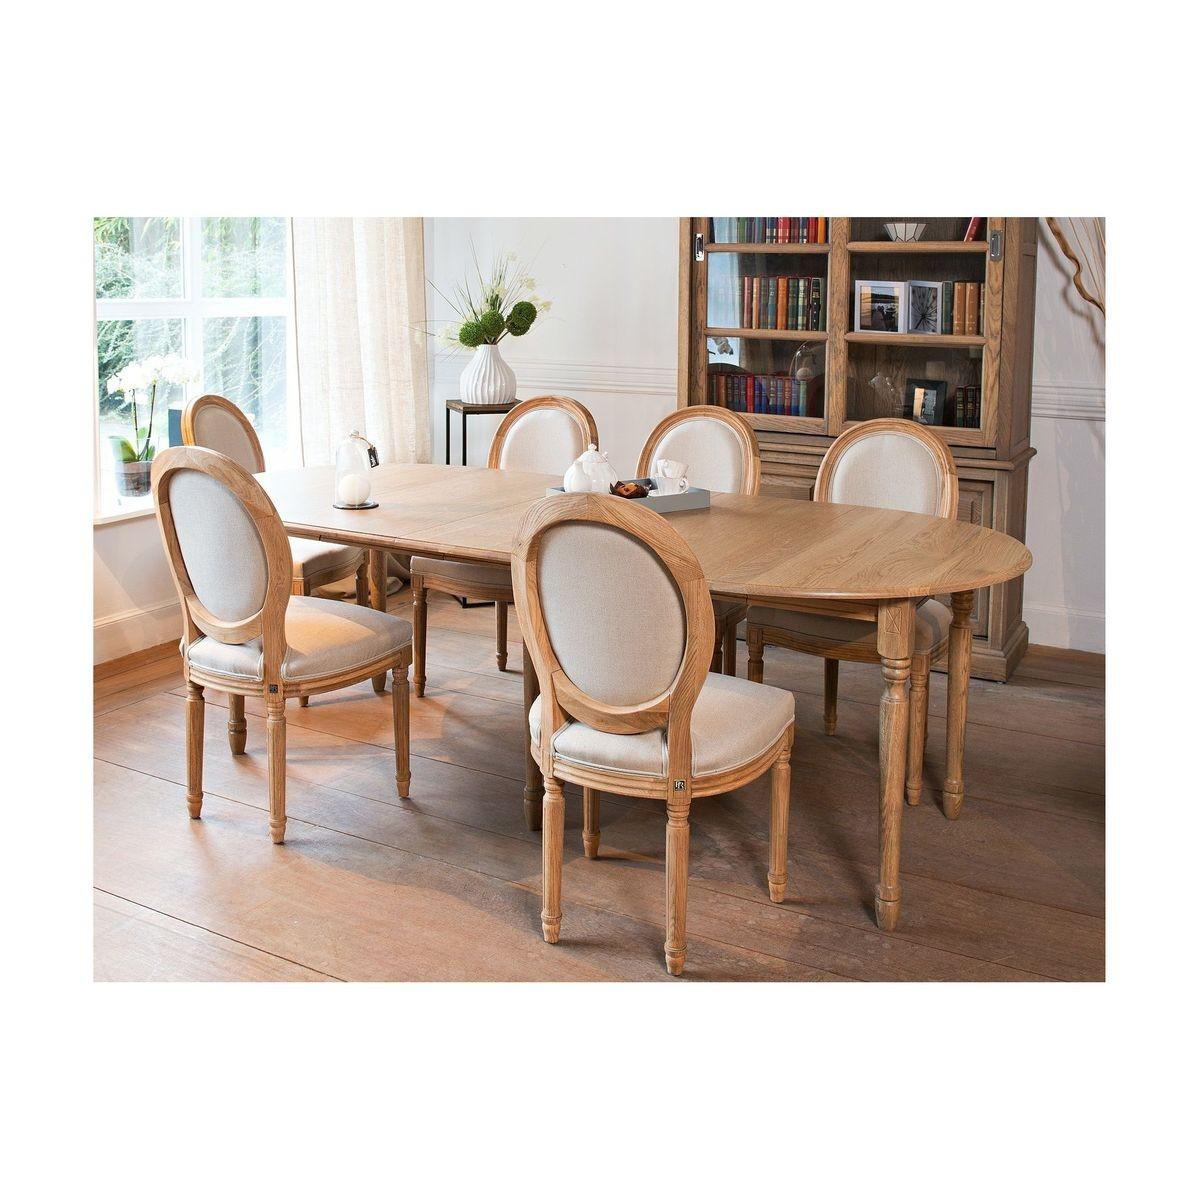 Table Extensible Ronde Bois A Rallonges 115 Cm Pieds Tournes Victoria Table Extensible Mobilier De Salon Et Chaise Salle A Manger